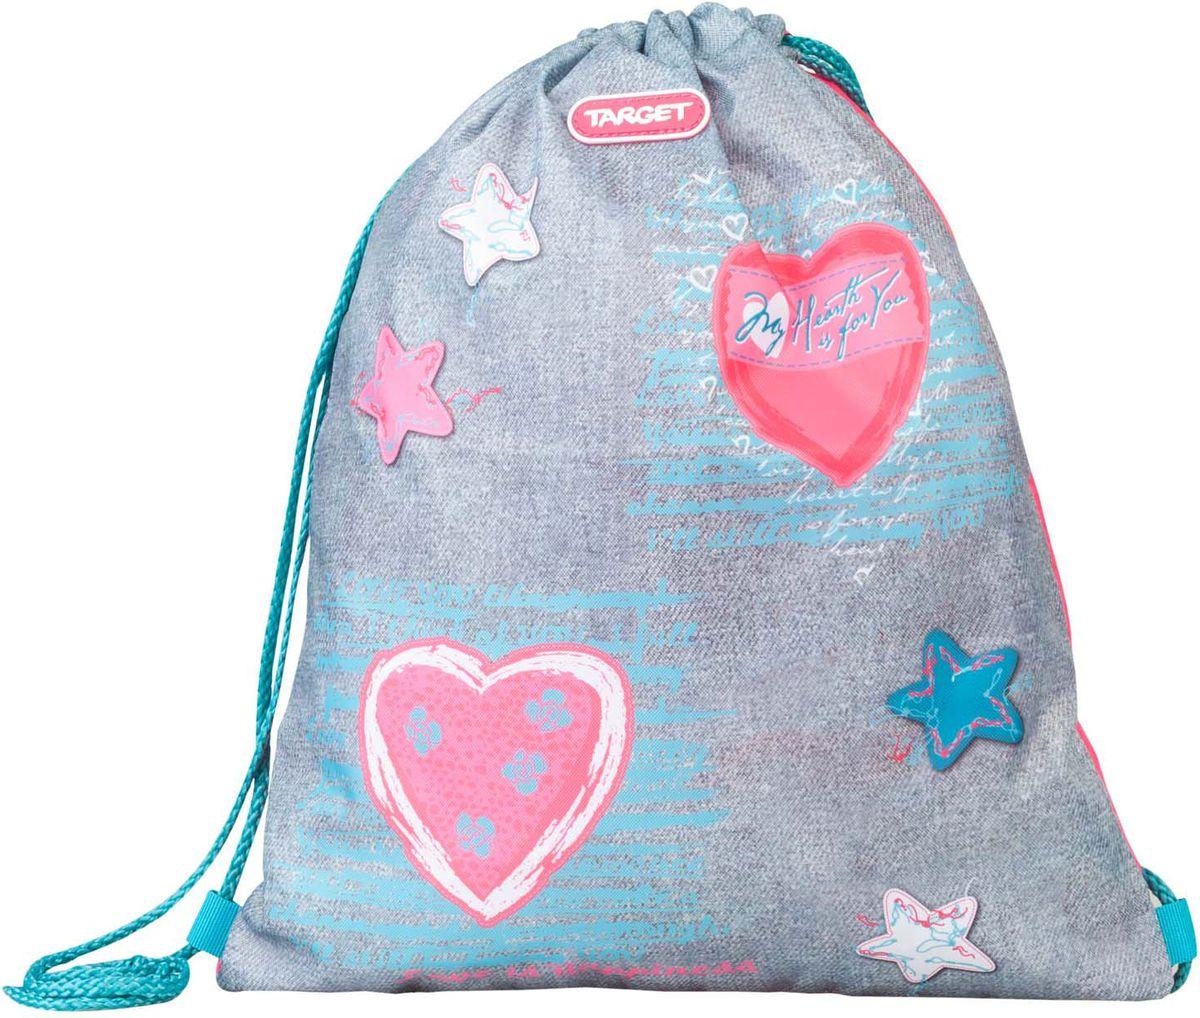 Target Collection Сумка для сменной обуви Jersey Love диван угловой артмебель эмир п микровельвет бежевый